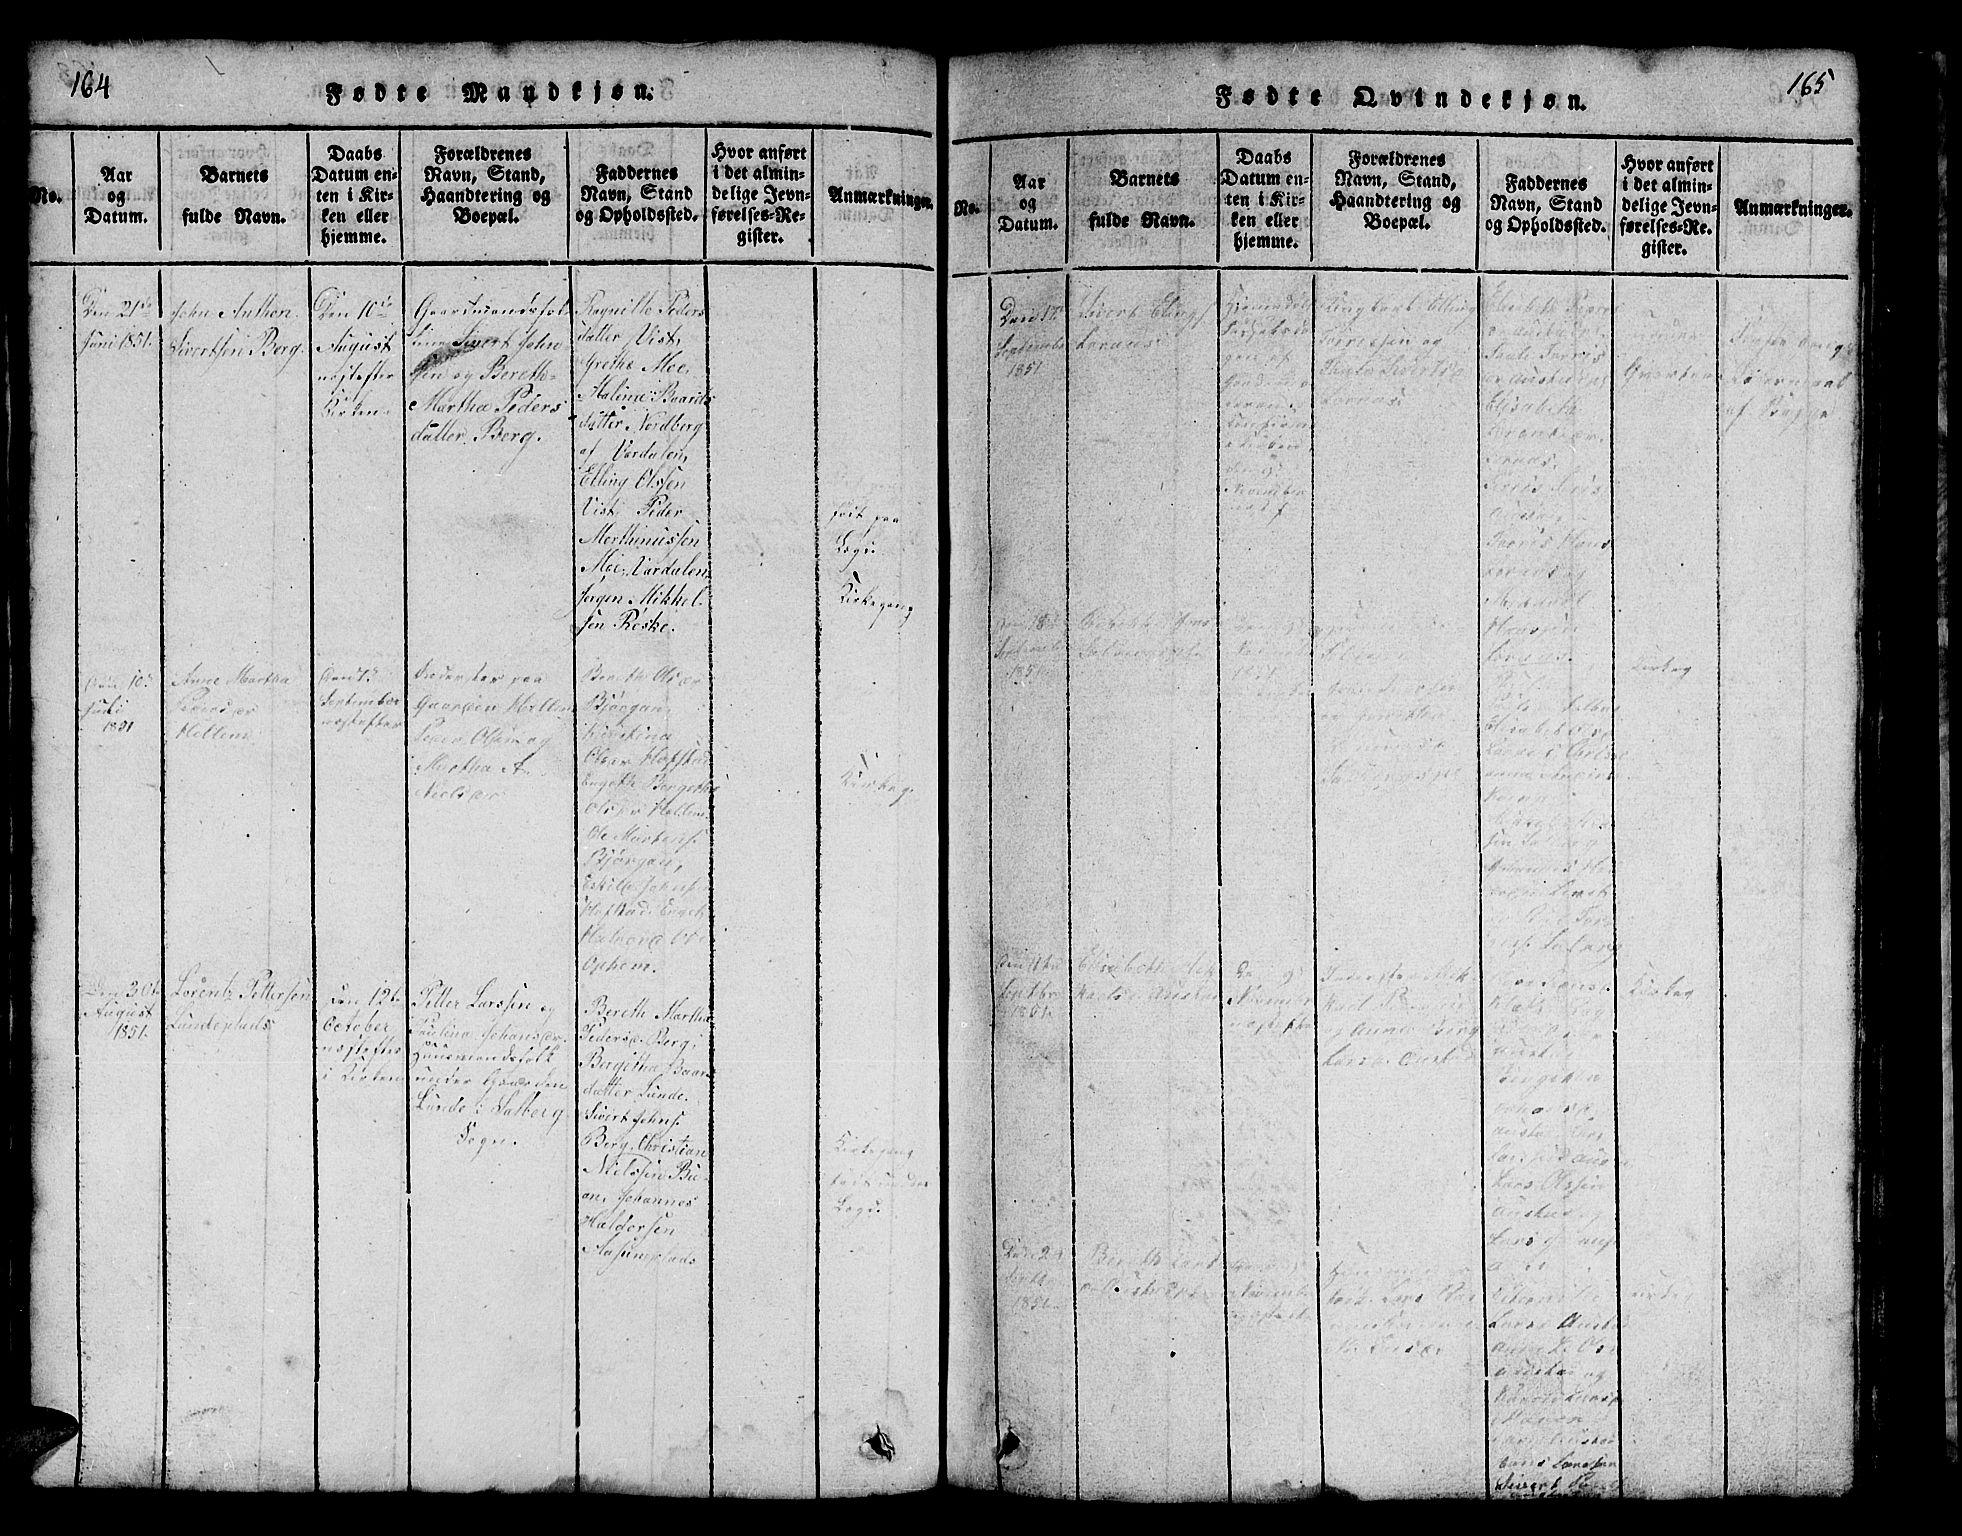 SAT, Ministerialprotokoller, klokkerbøker og fødselsregistre - Nord-Trøndelag, 731/L0310: Klokkerbok nr. 731C01, 1816-1874, s. 164-165